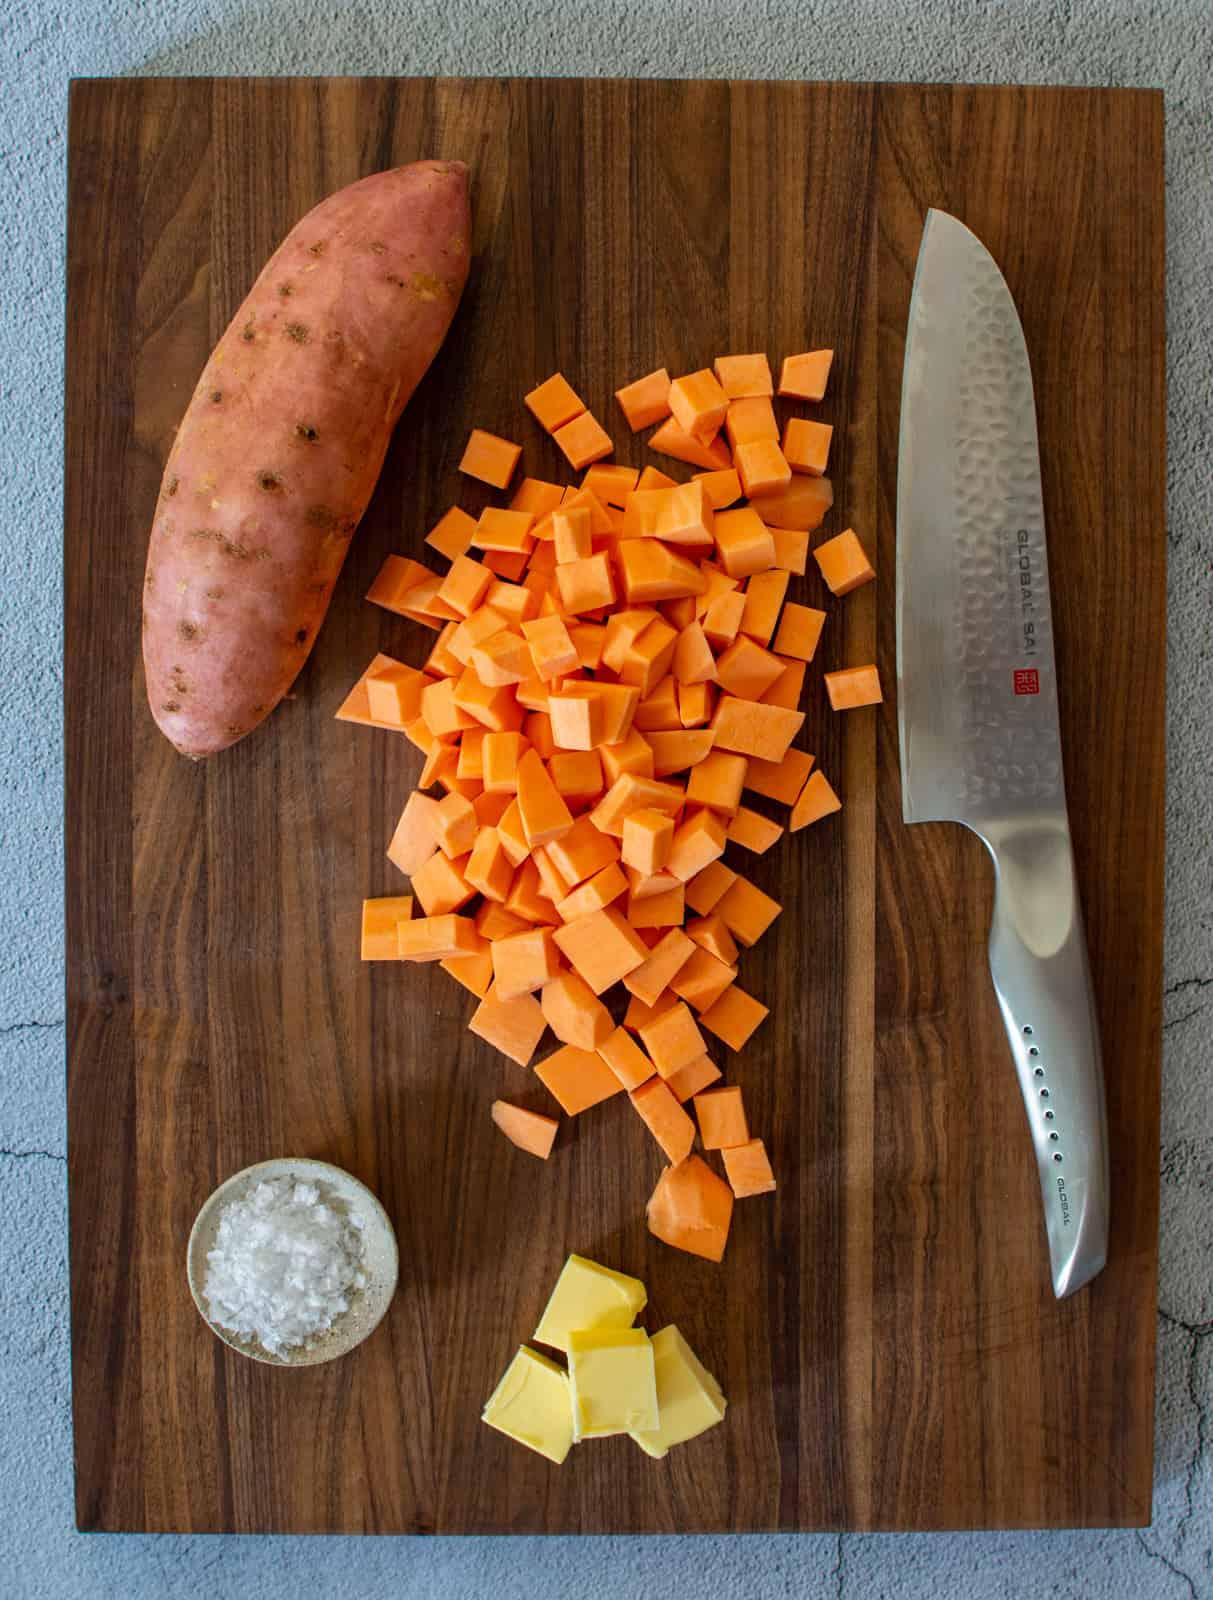 sweet potatoes & globa chef knife on chopping board